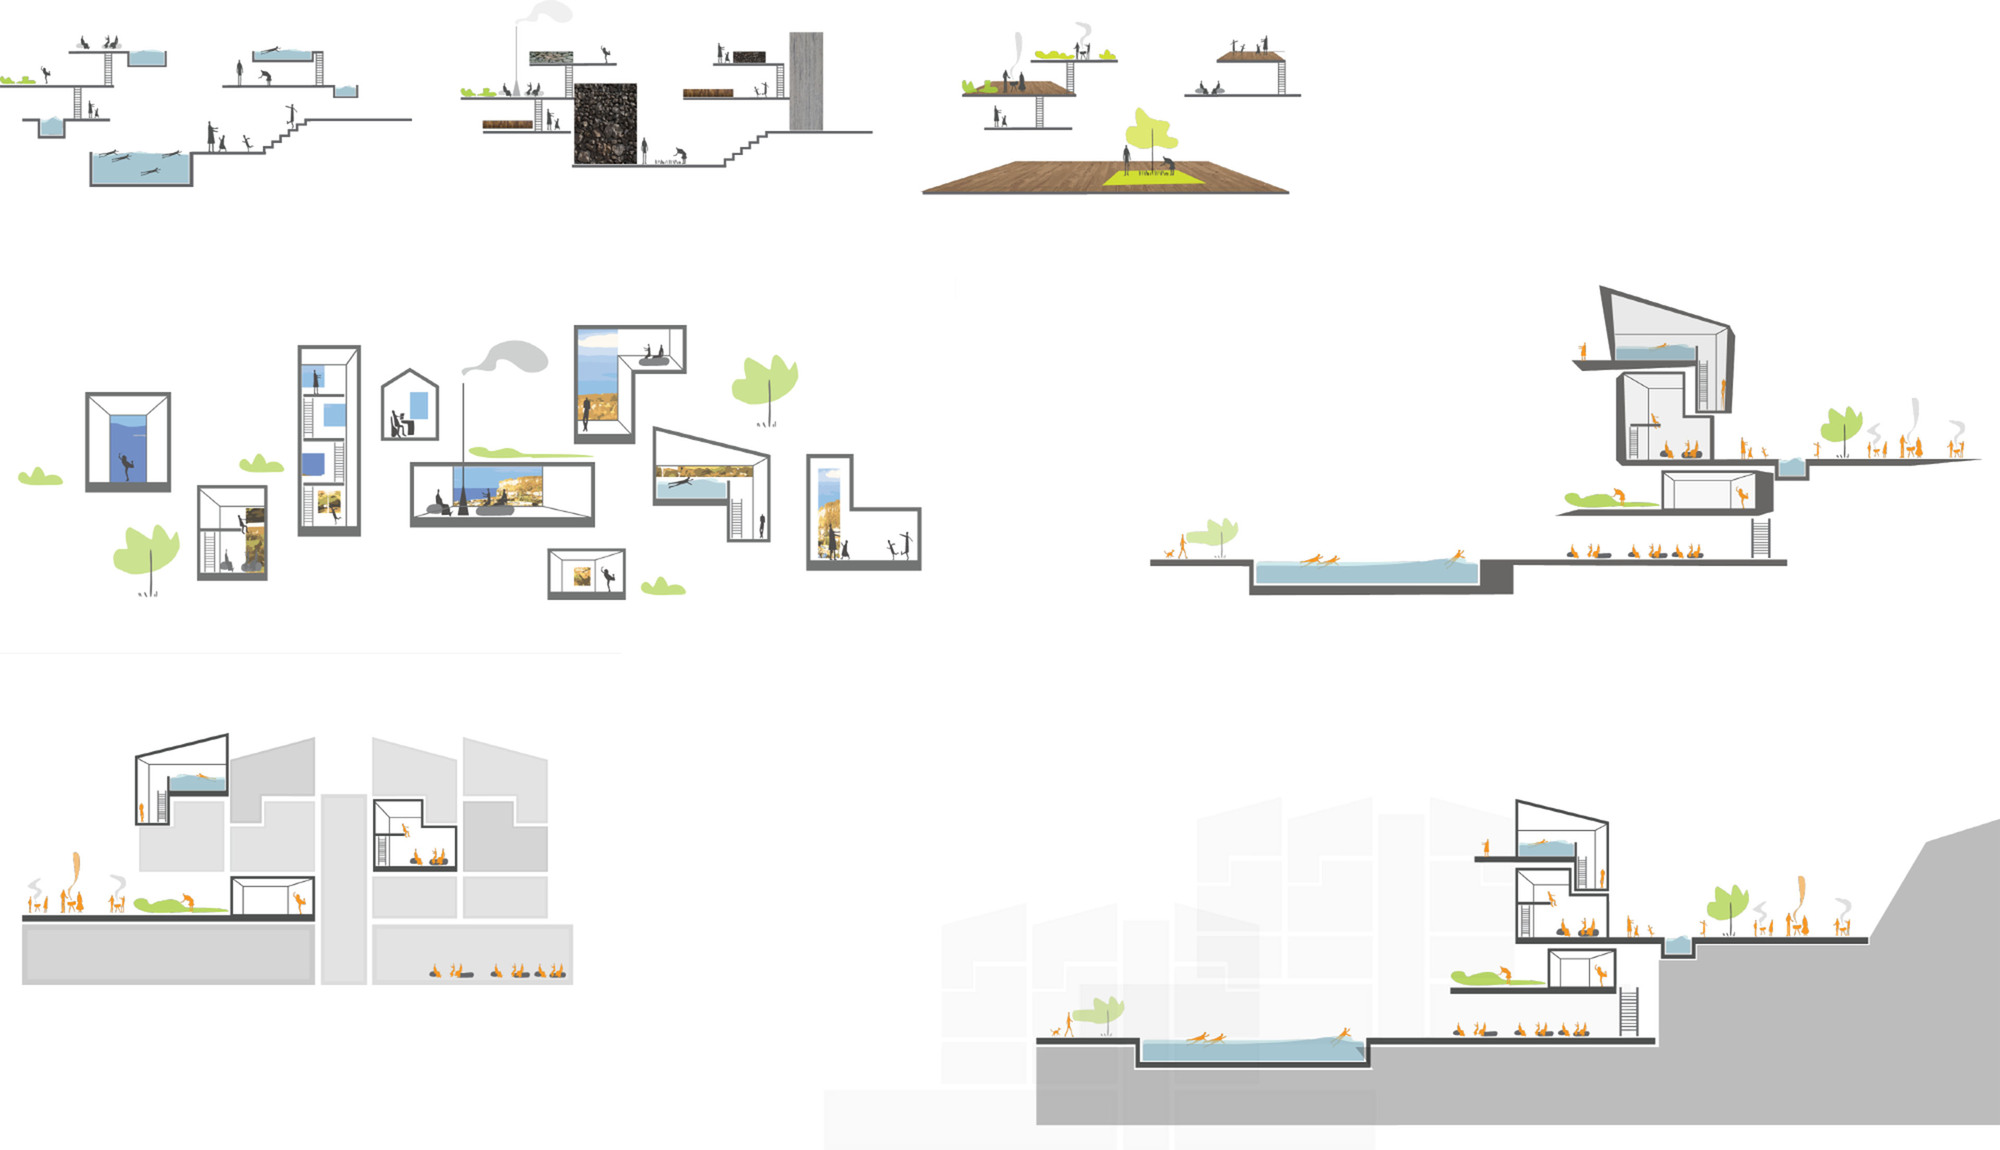 Jeju Bayhill Pool & Villa / Kim Dong-jin + L'eau Design (3)